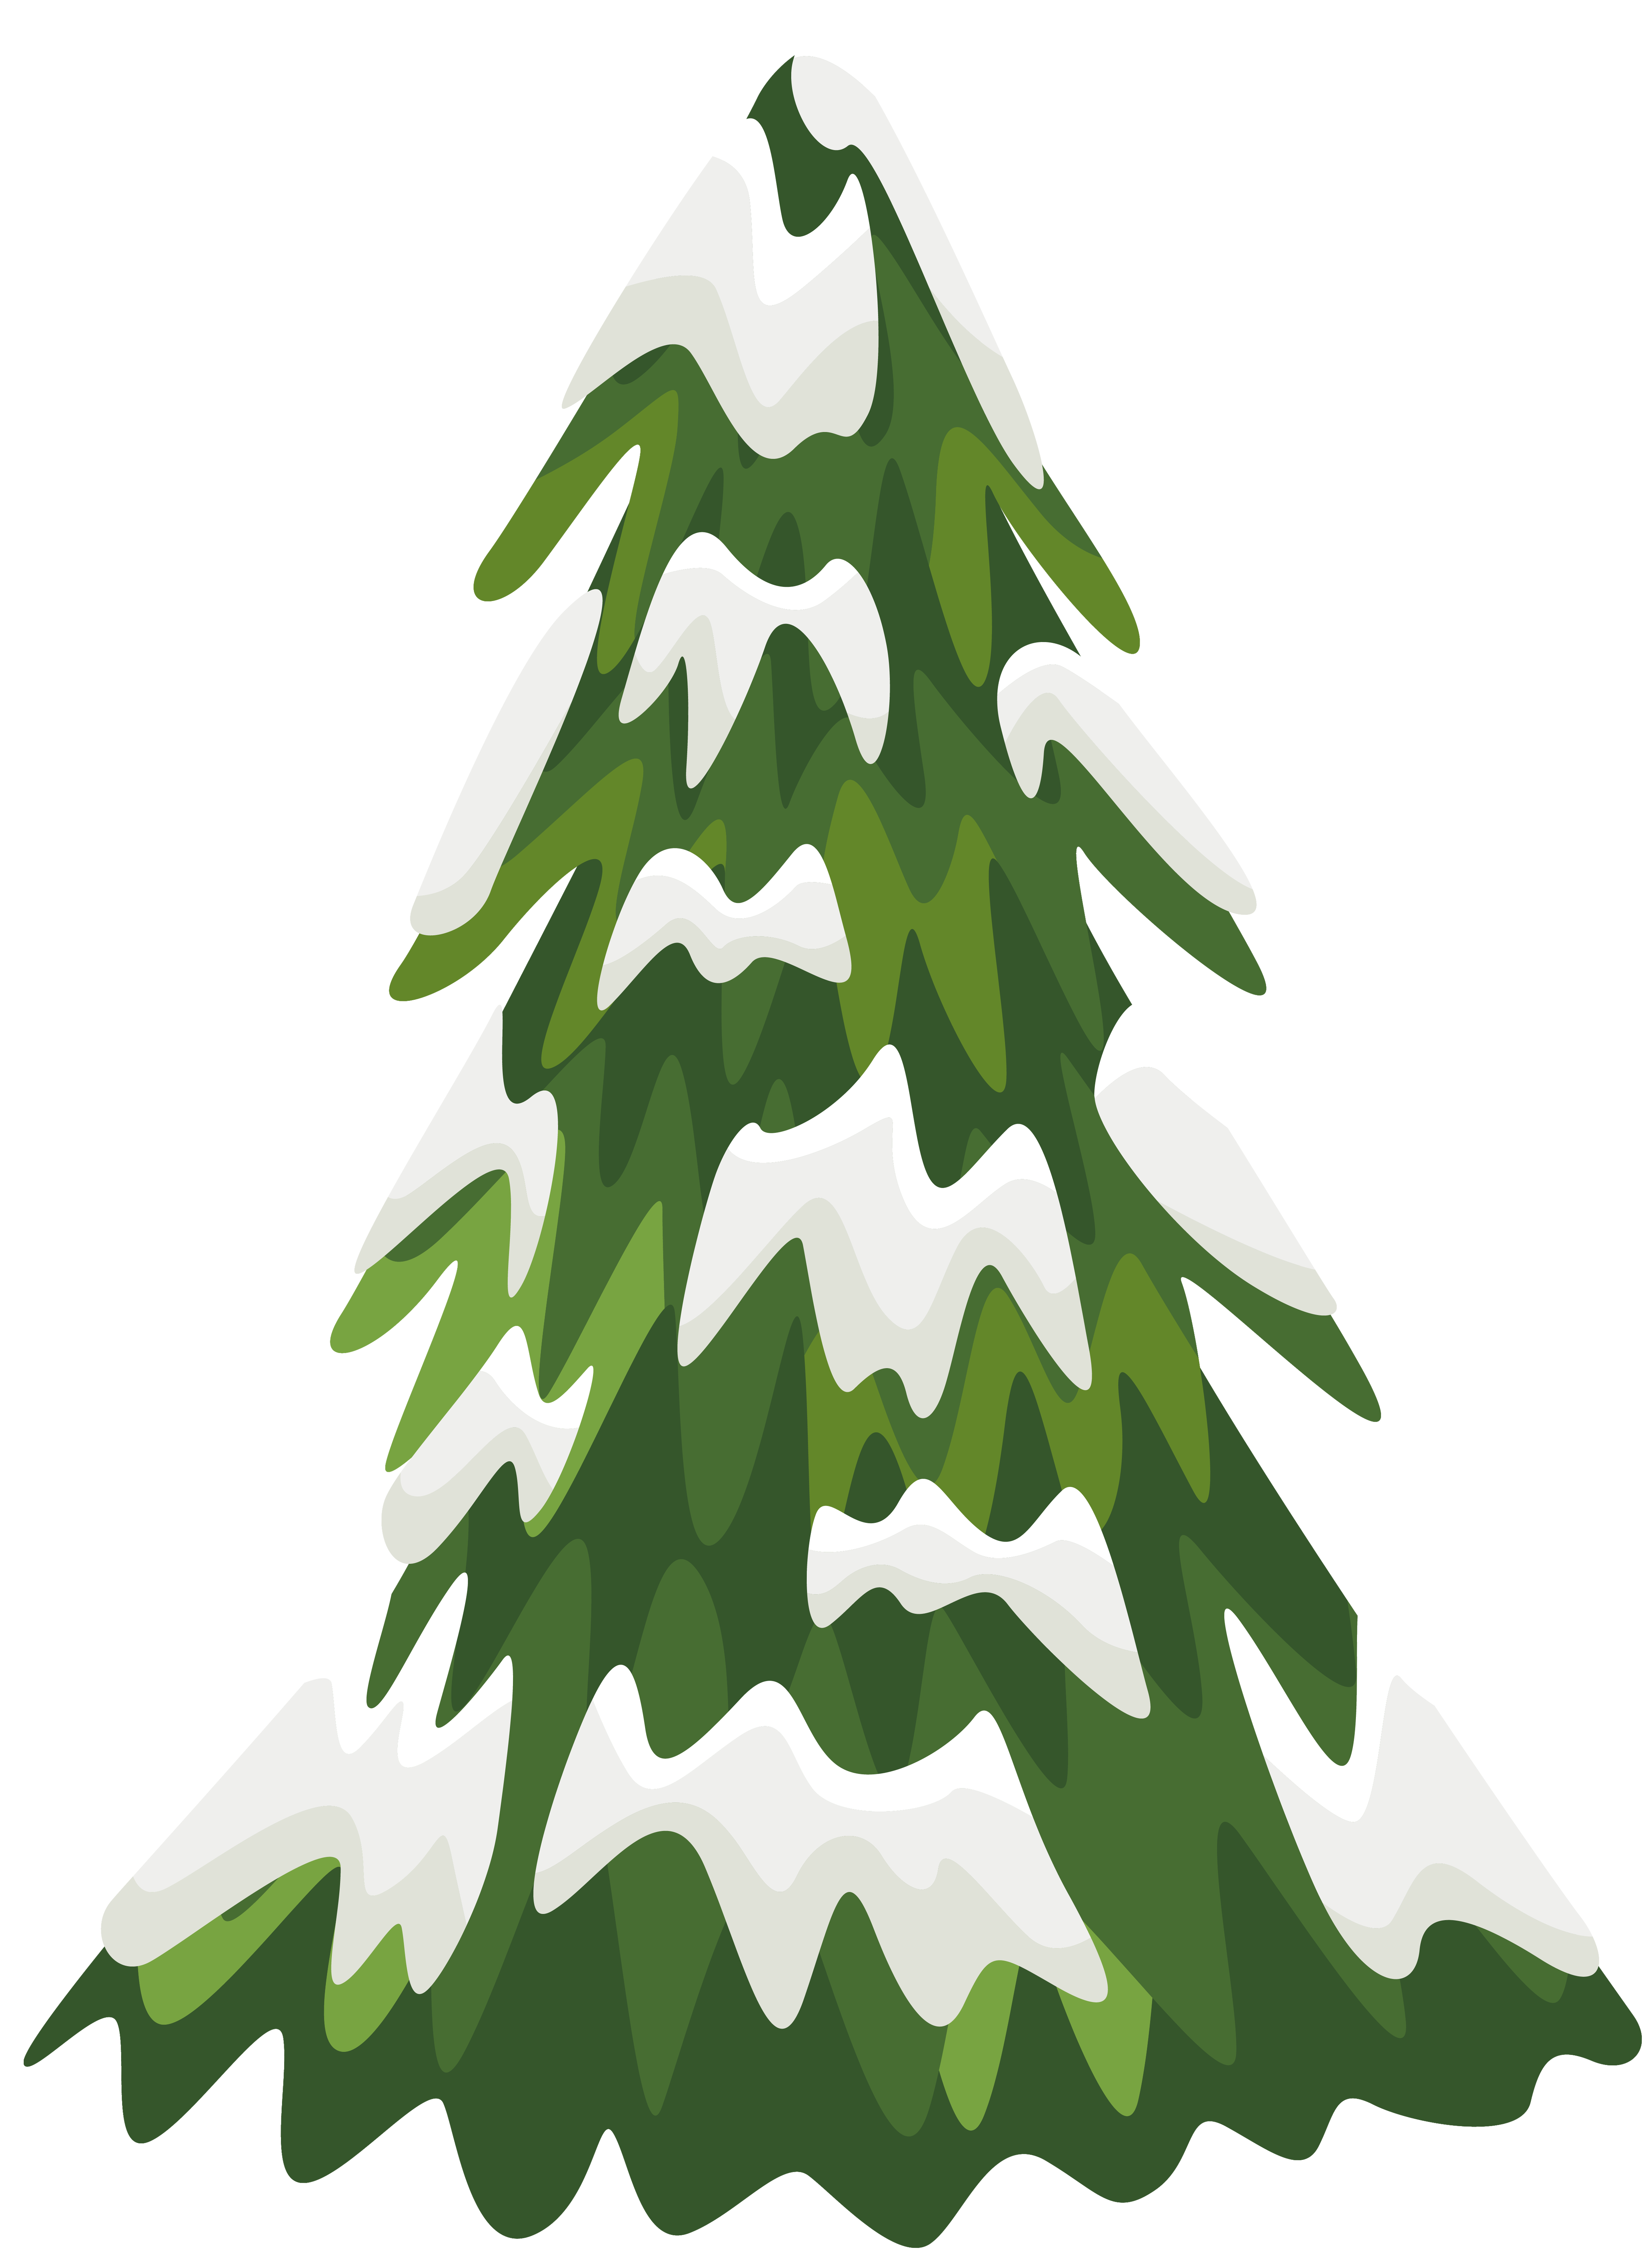 Snowy tree tree clipart.